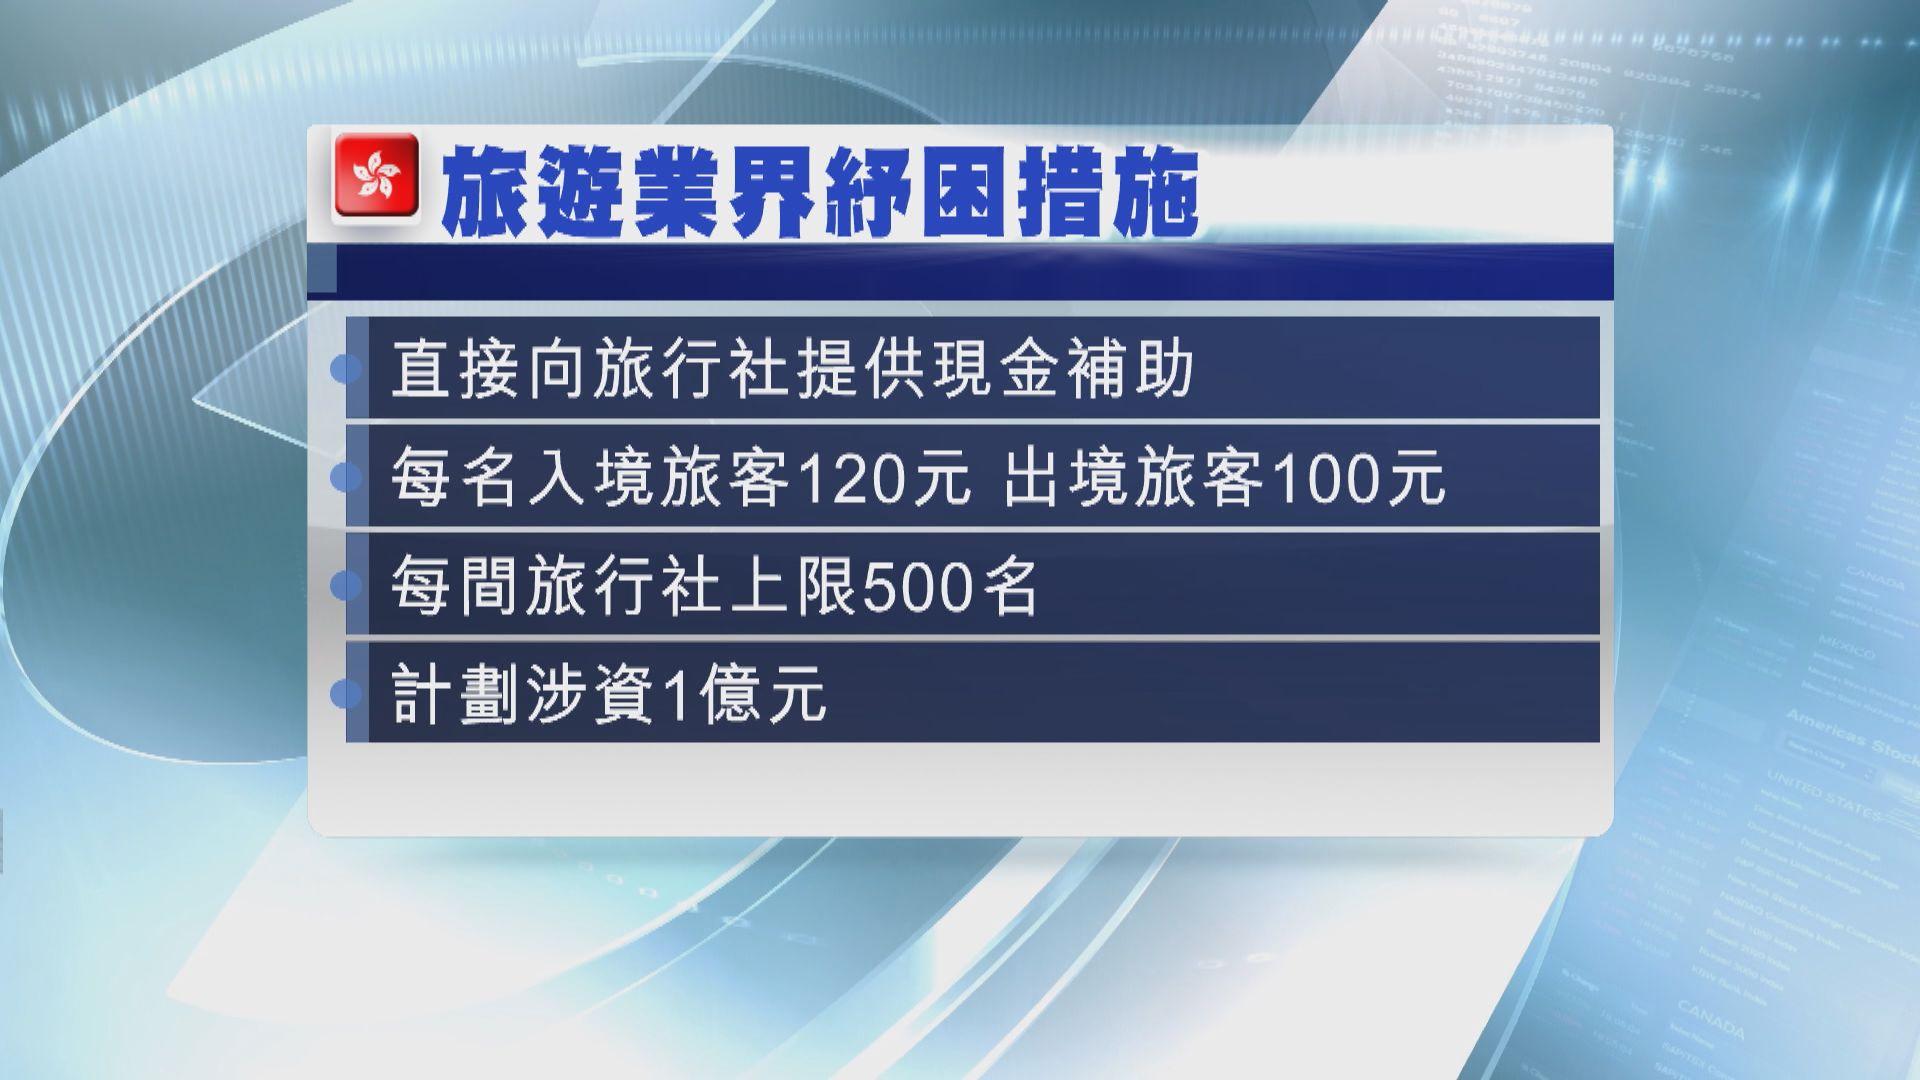 政府斥資1億元向本地旅行社提供現金補助